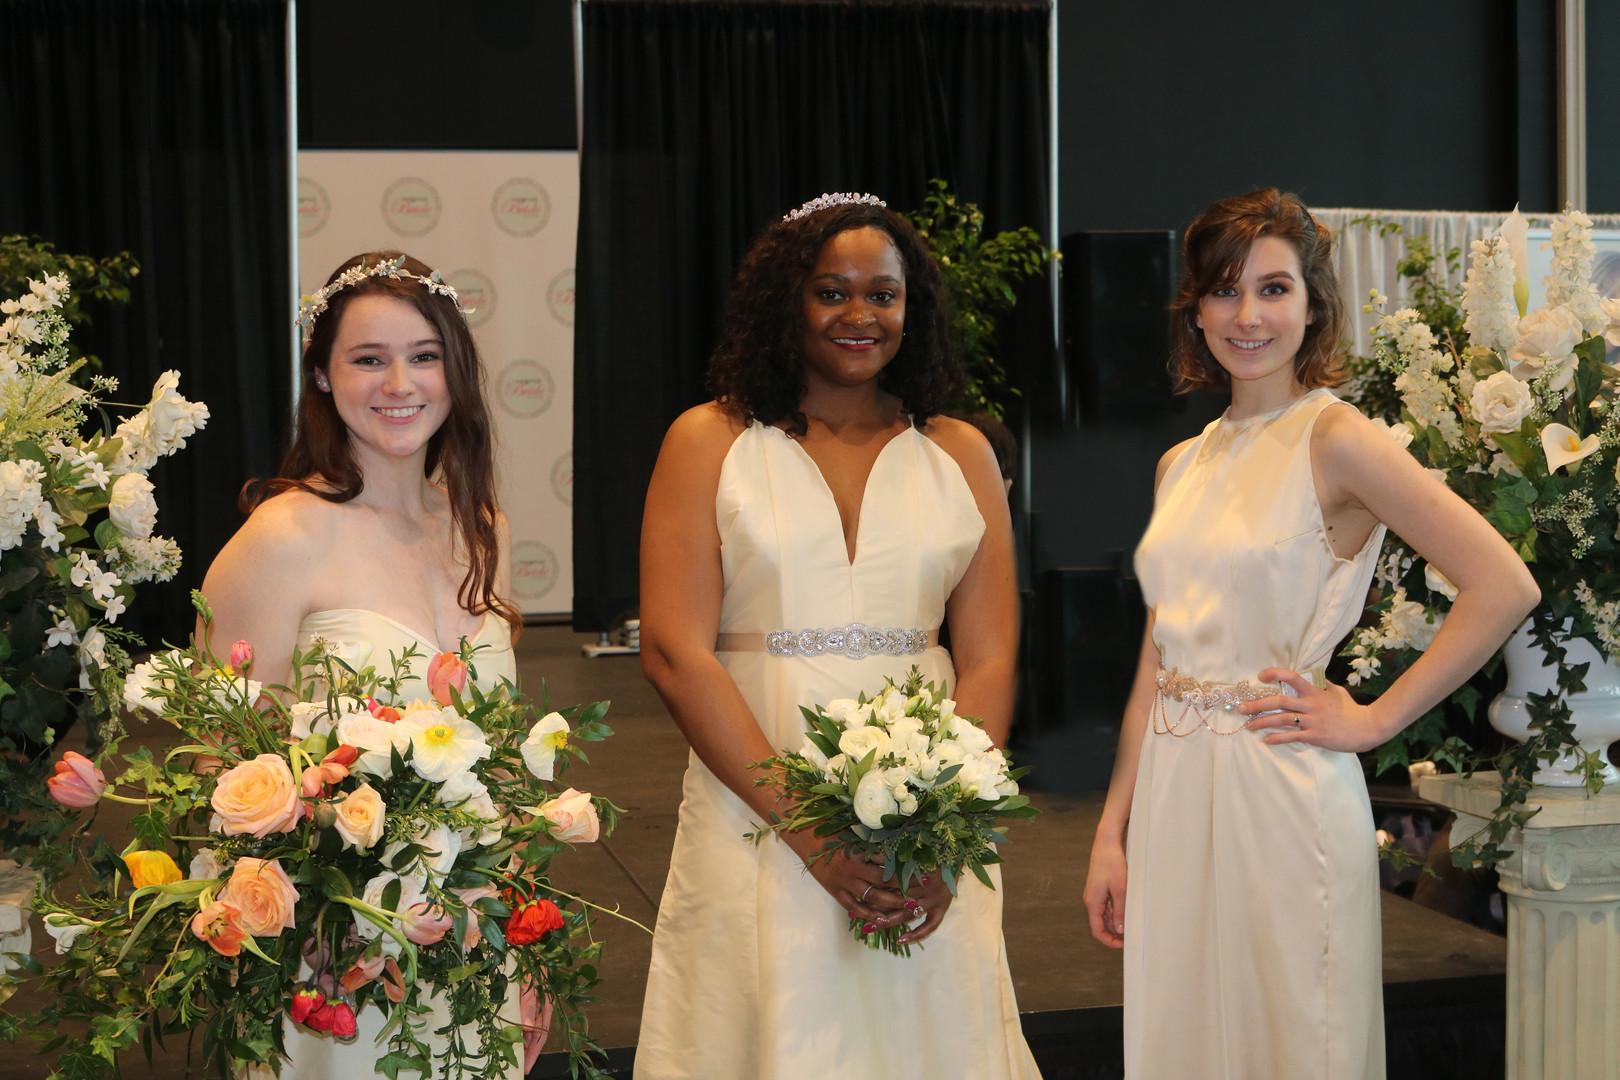 Virginia Bridal Expo - Group 001